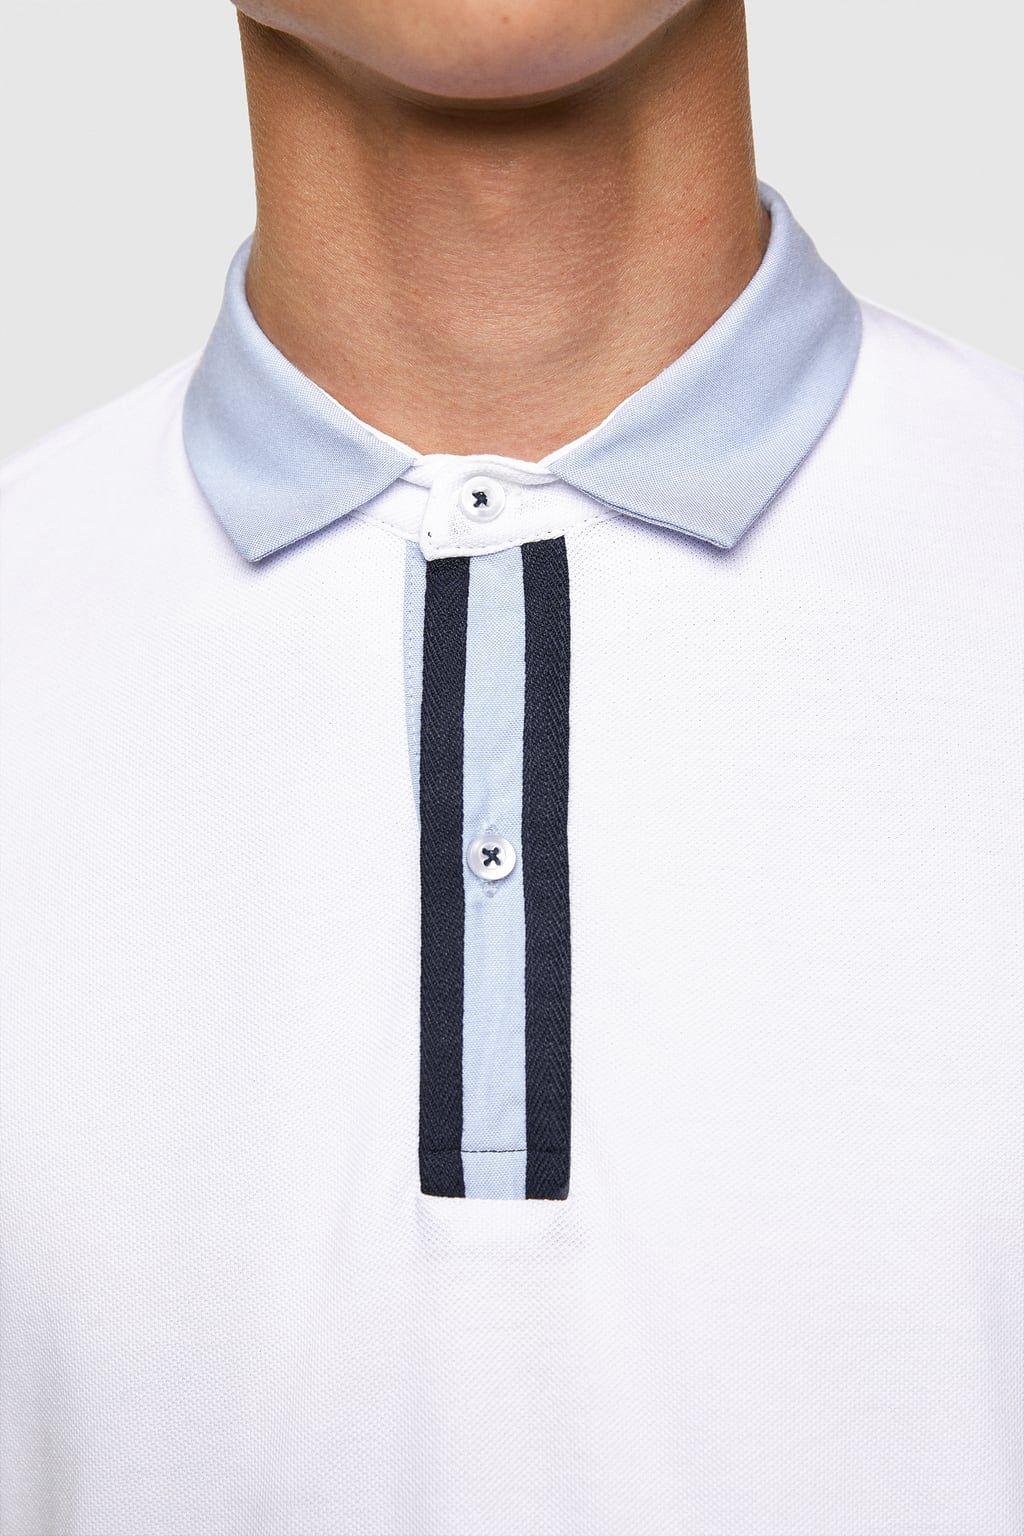 Image 5 Of Polo Shirt From Zara Men Polo Shirt In 2019 Polo